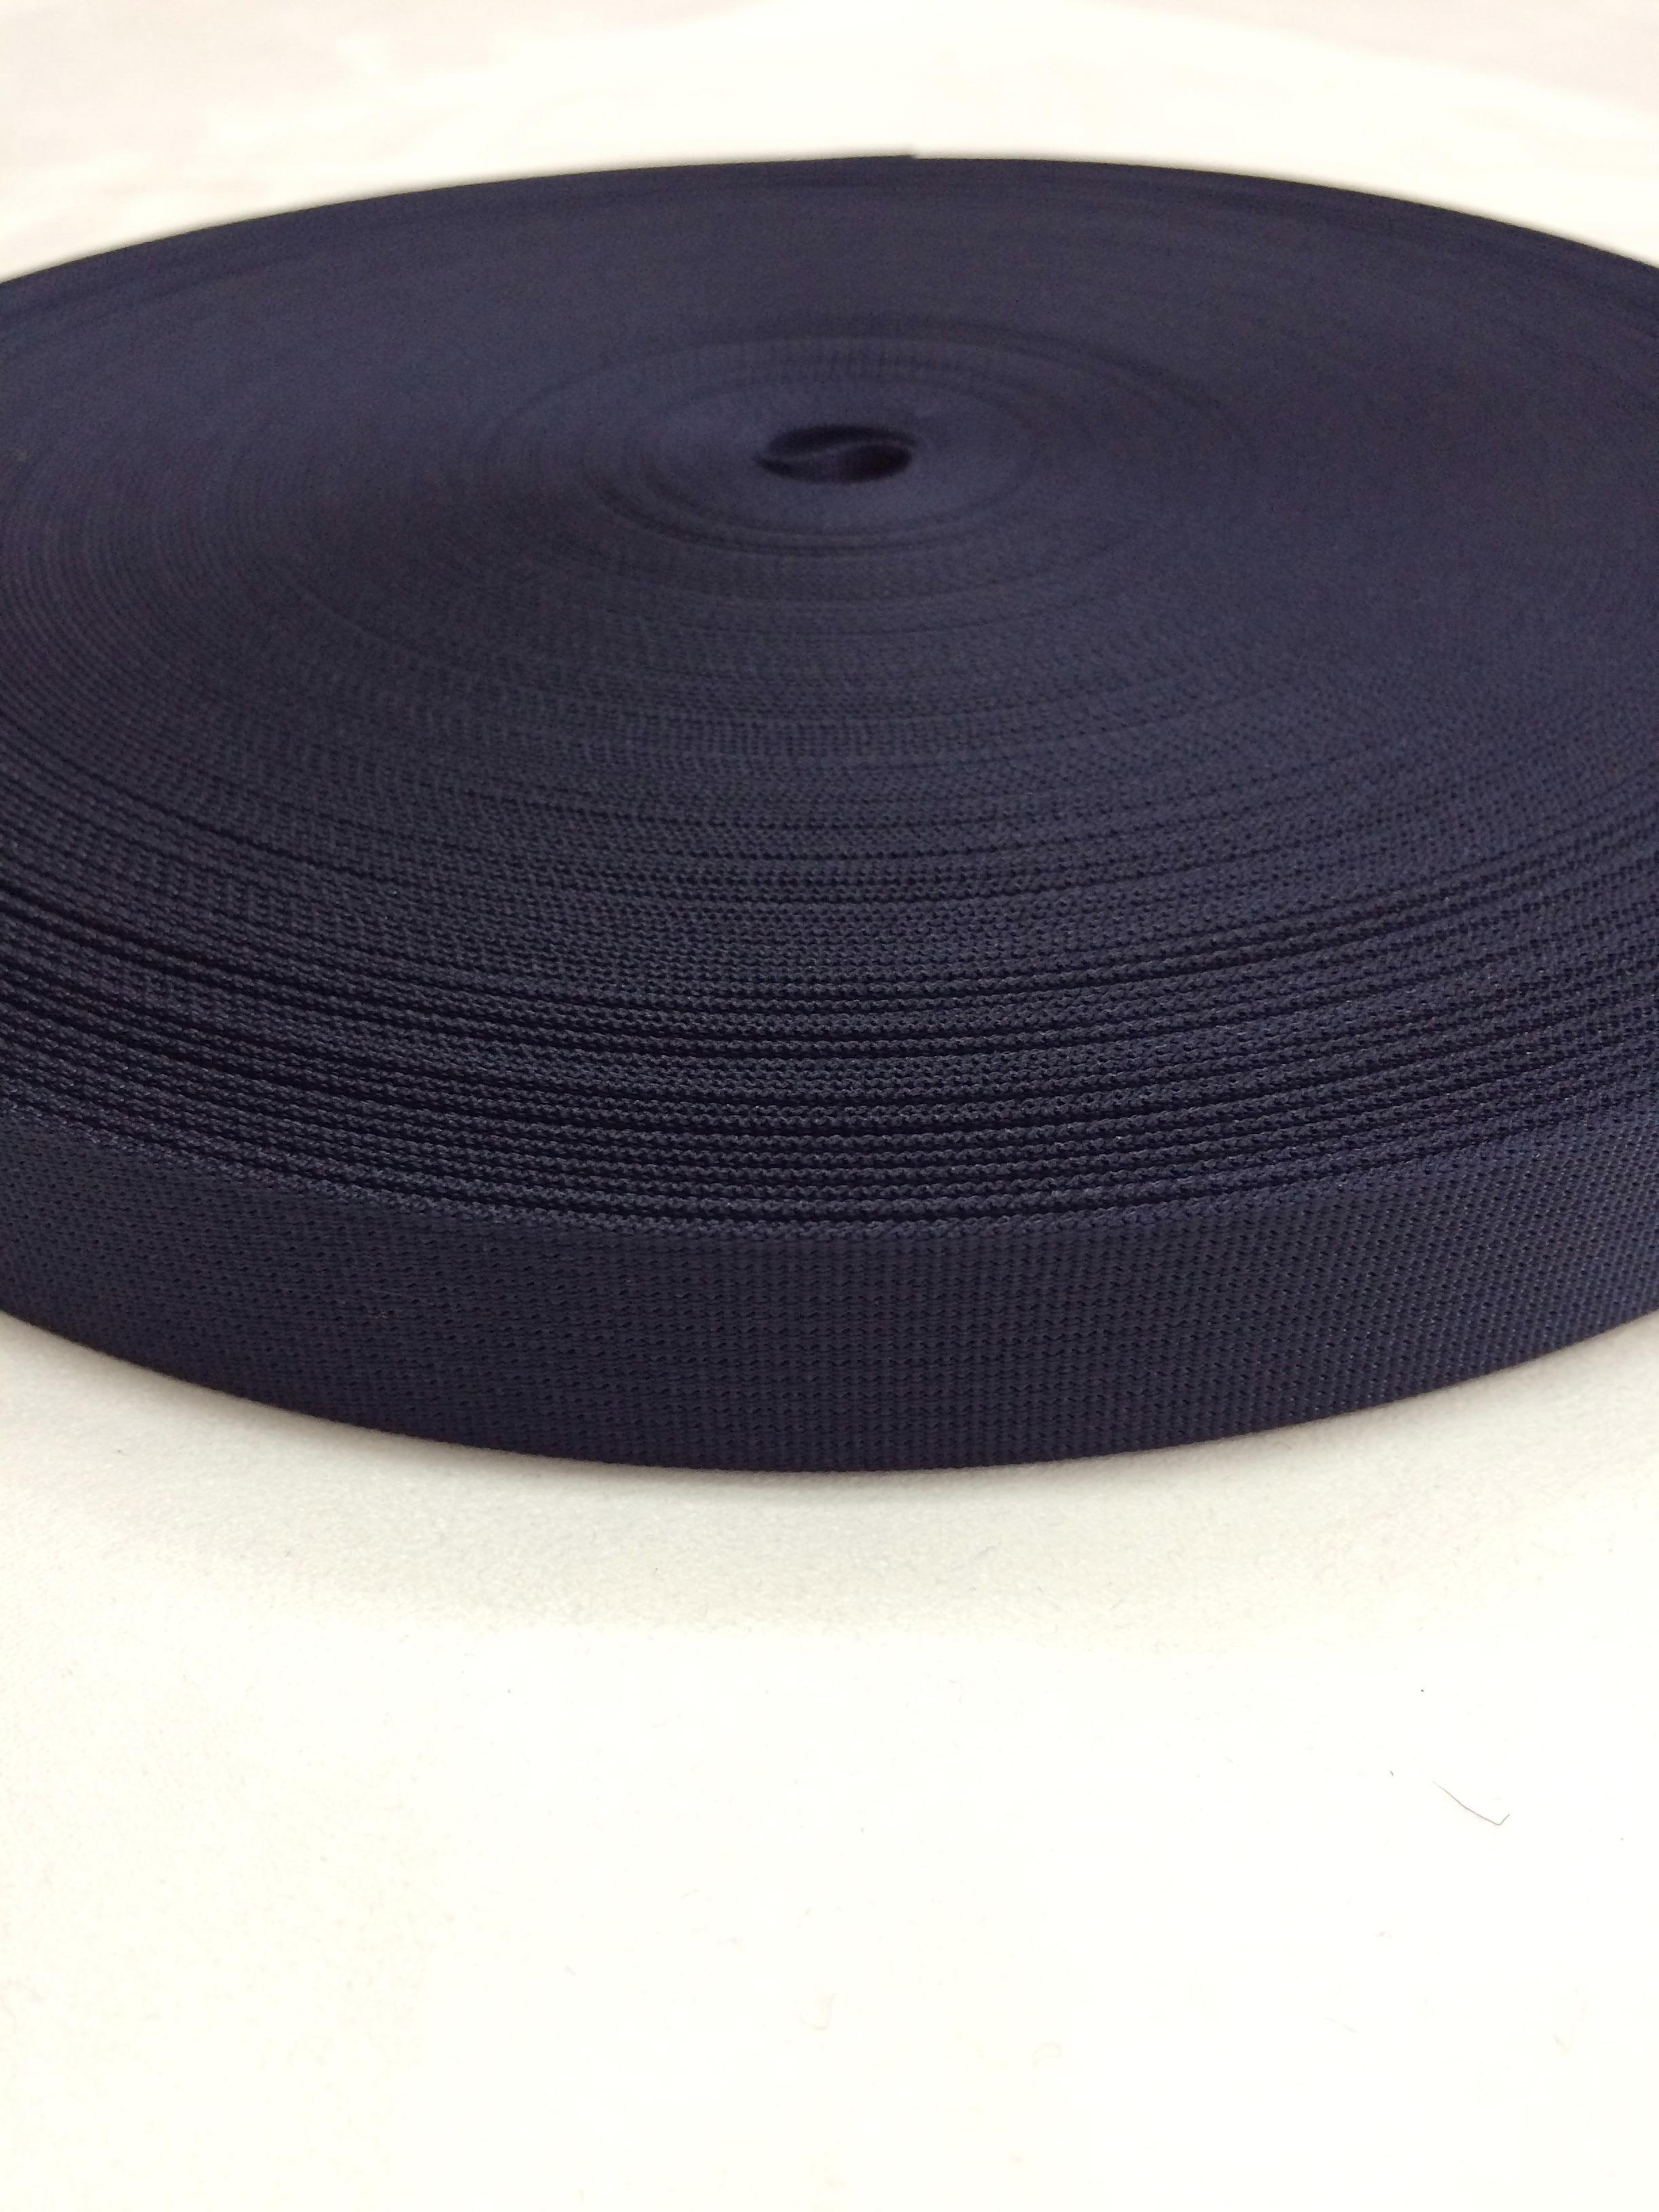 ナイロン 高密度 30mm幅 1mm厚 カラー(黒以外) 5m